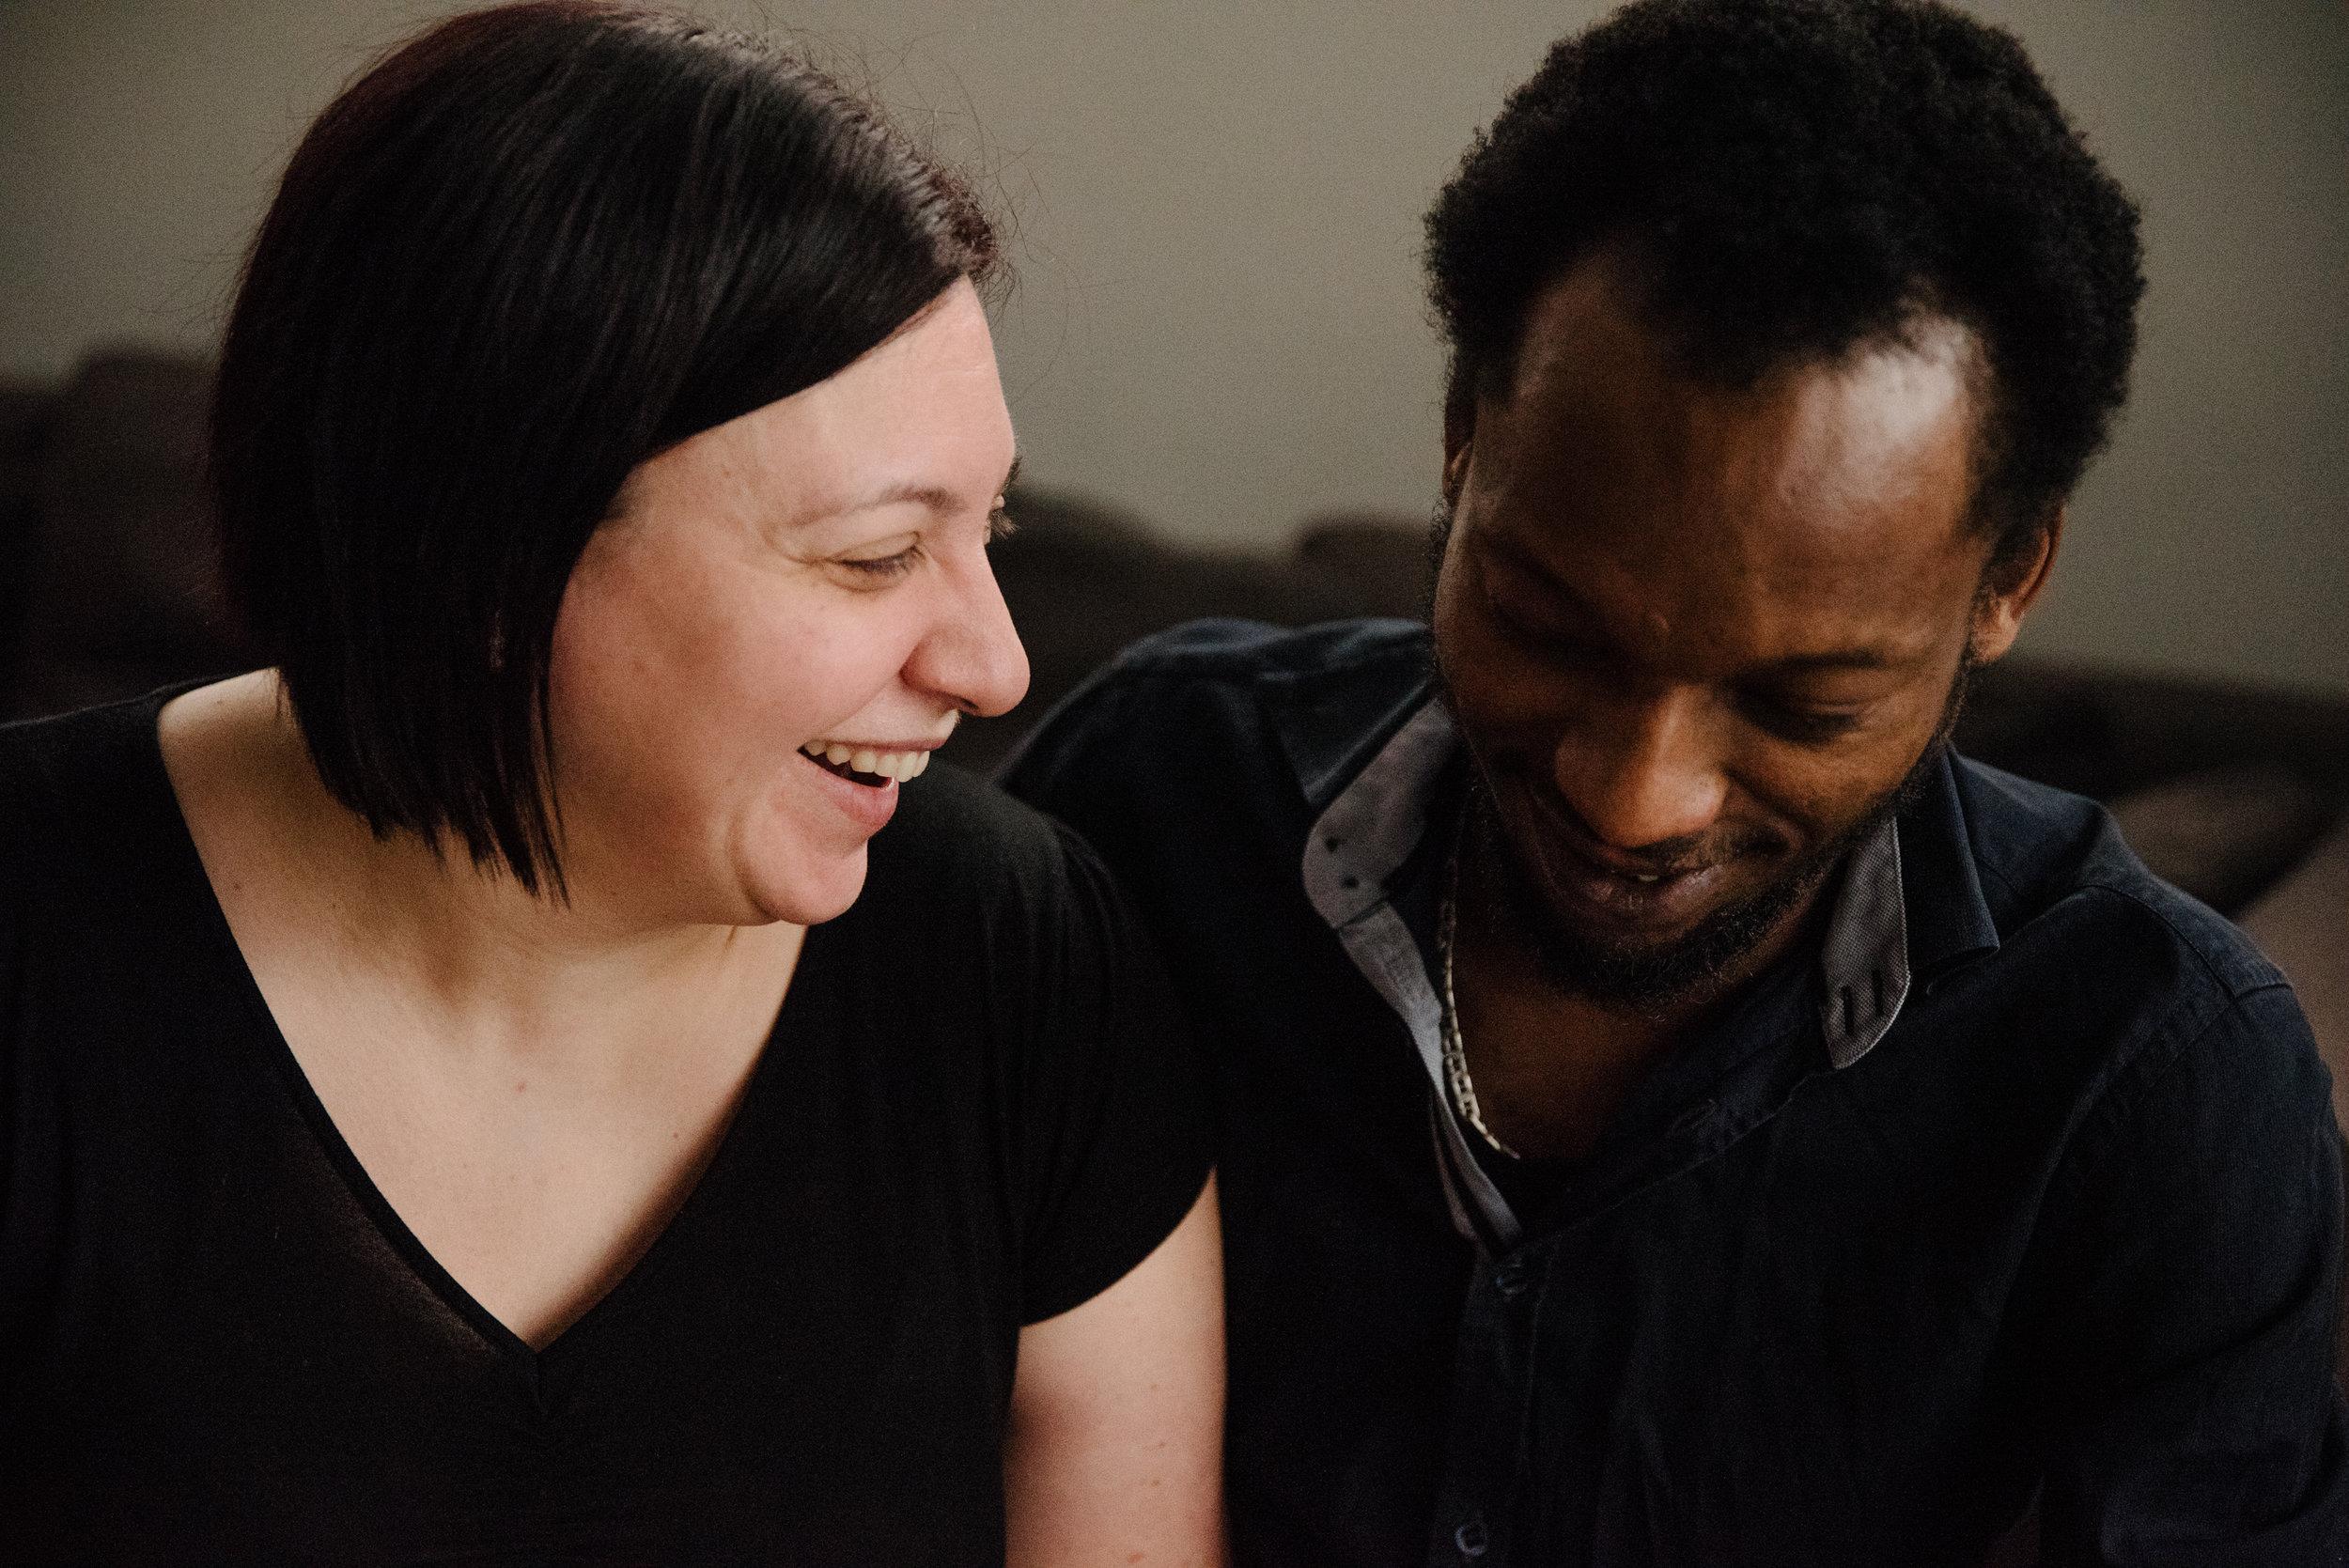 photo-d-un-couple-mixte-souriant-photographe-de-famille-a-montreal-marianne-charland-590.jpg